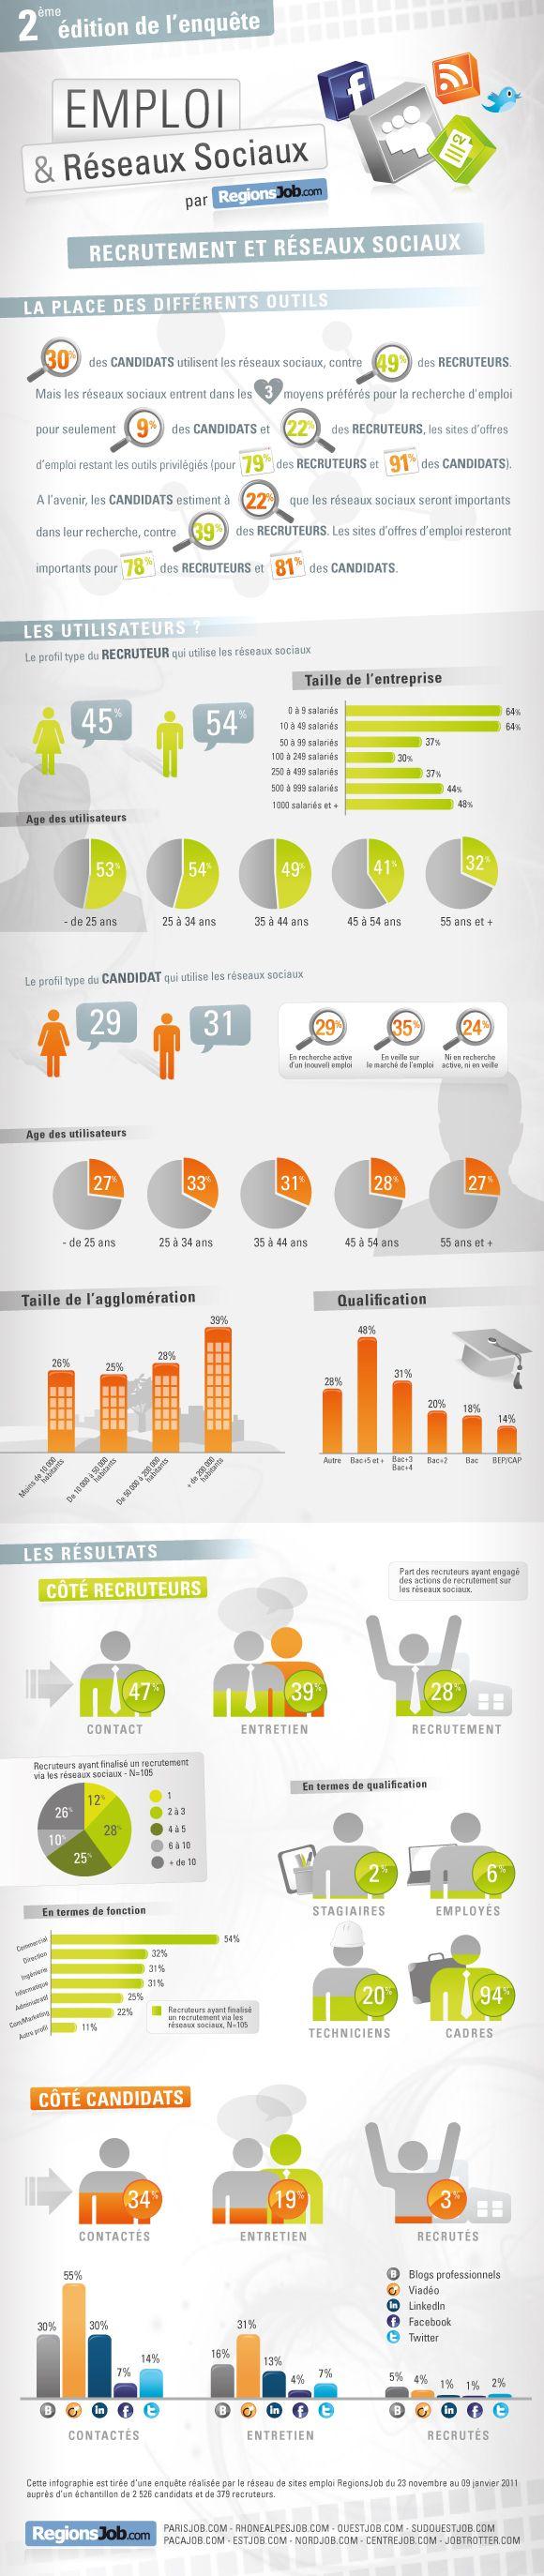 Infographie : Emploi et réseaux sociaux  Facebook & recrutement en ligne : vers une fusion des identité sociale et professionnelle ?